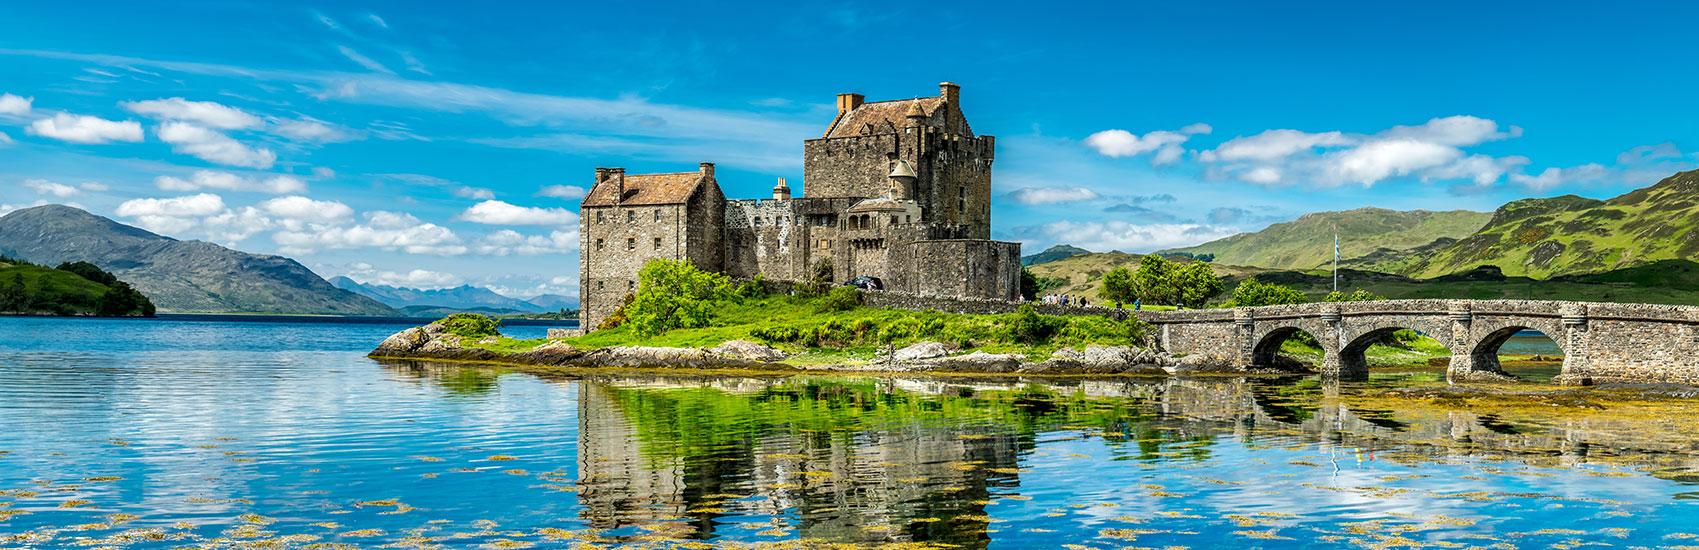 Scotland Outlander